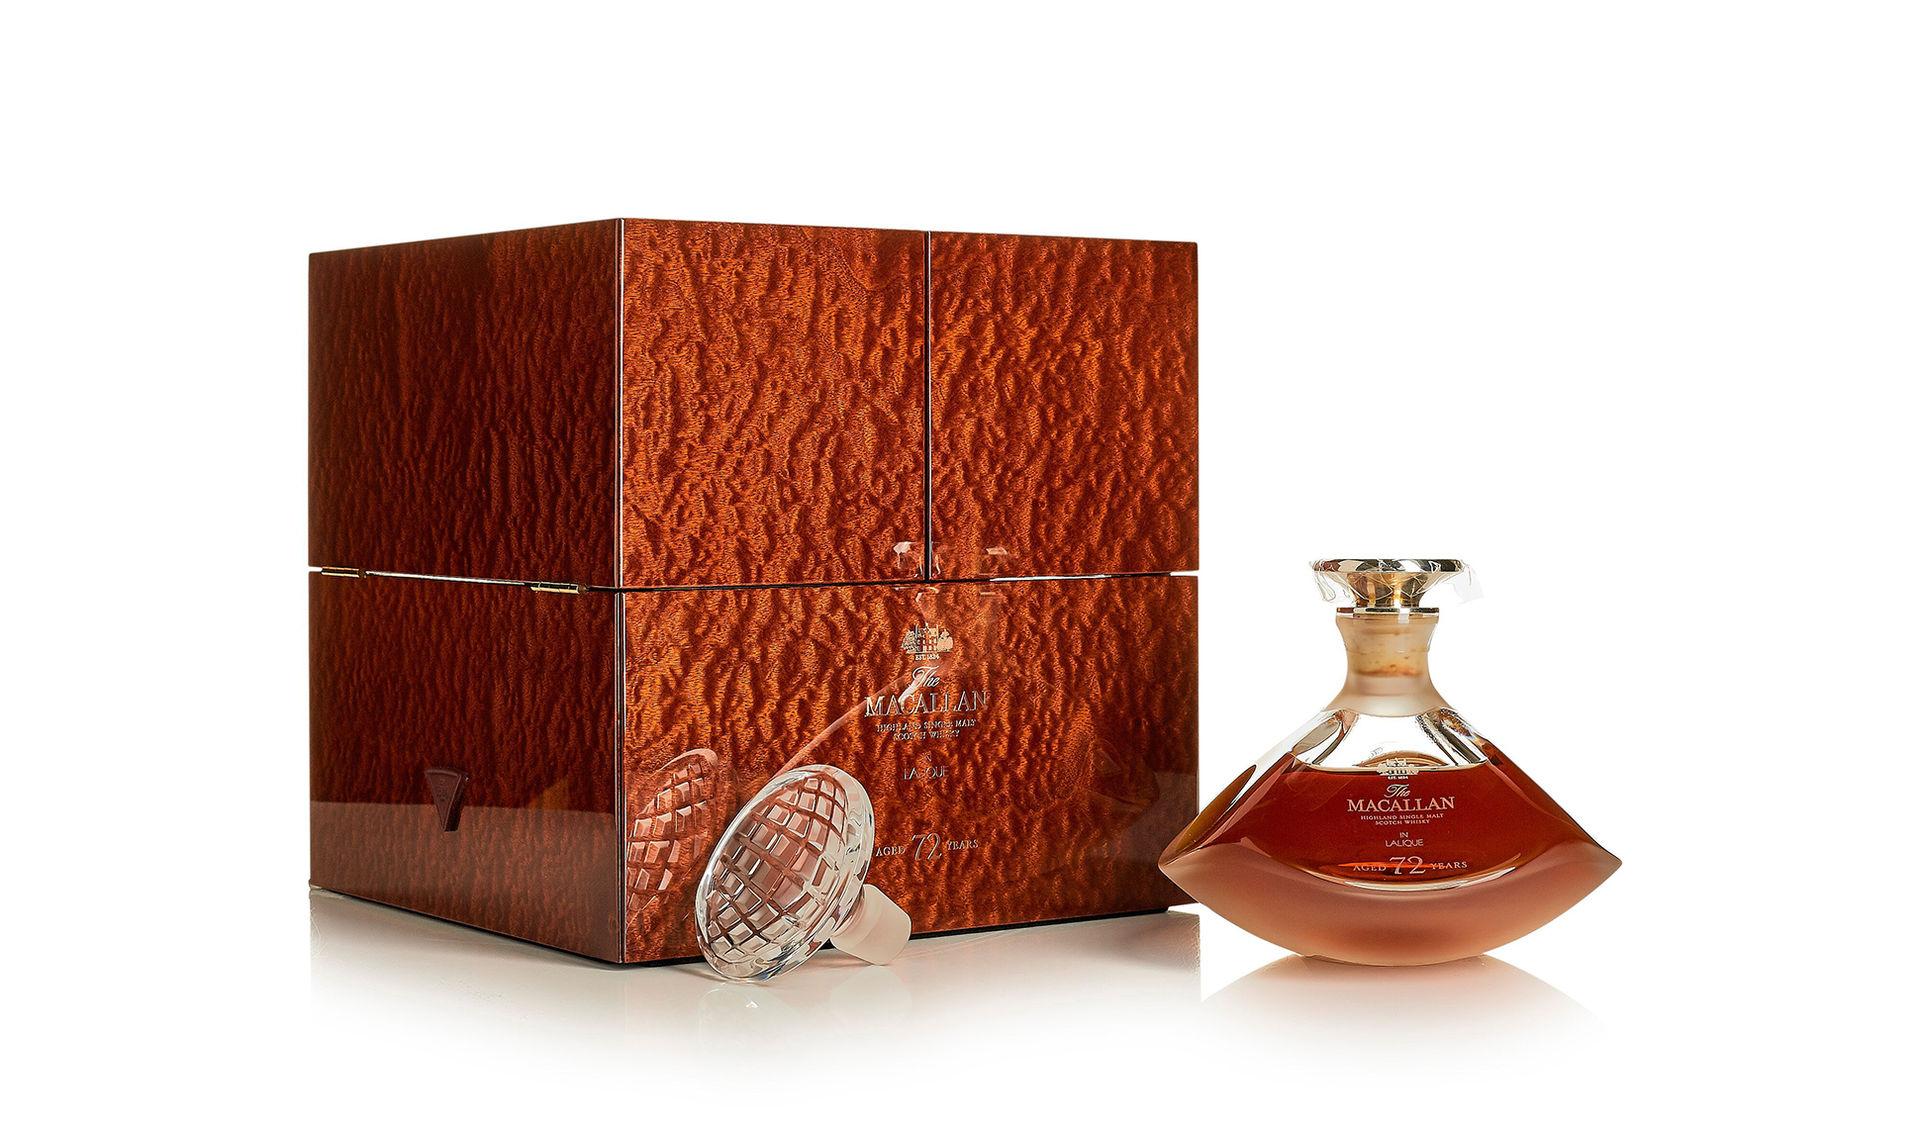 Gammal whisky väntas gå för rekordsumma